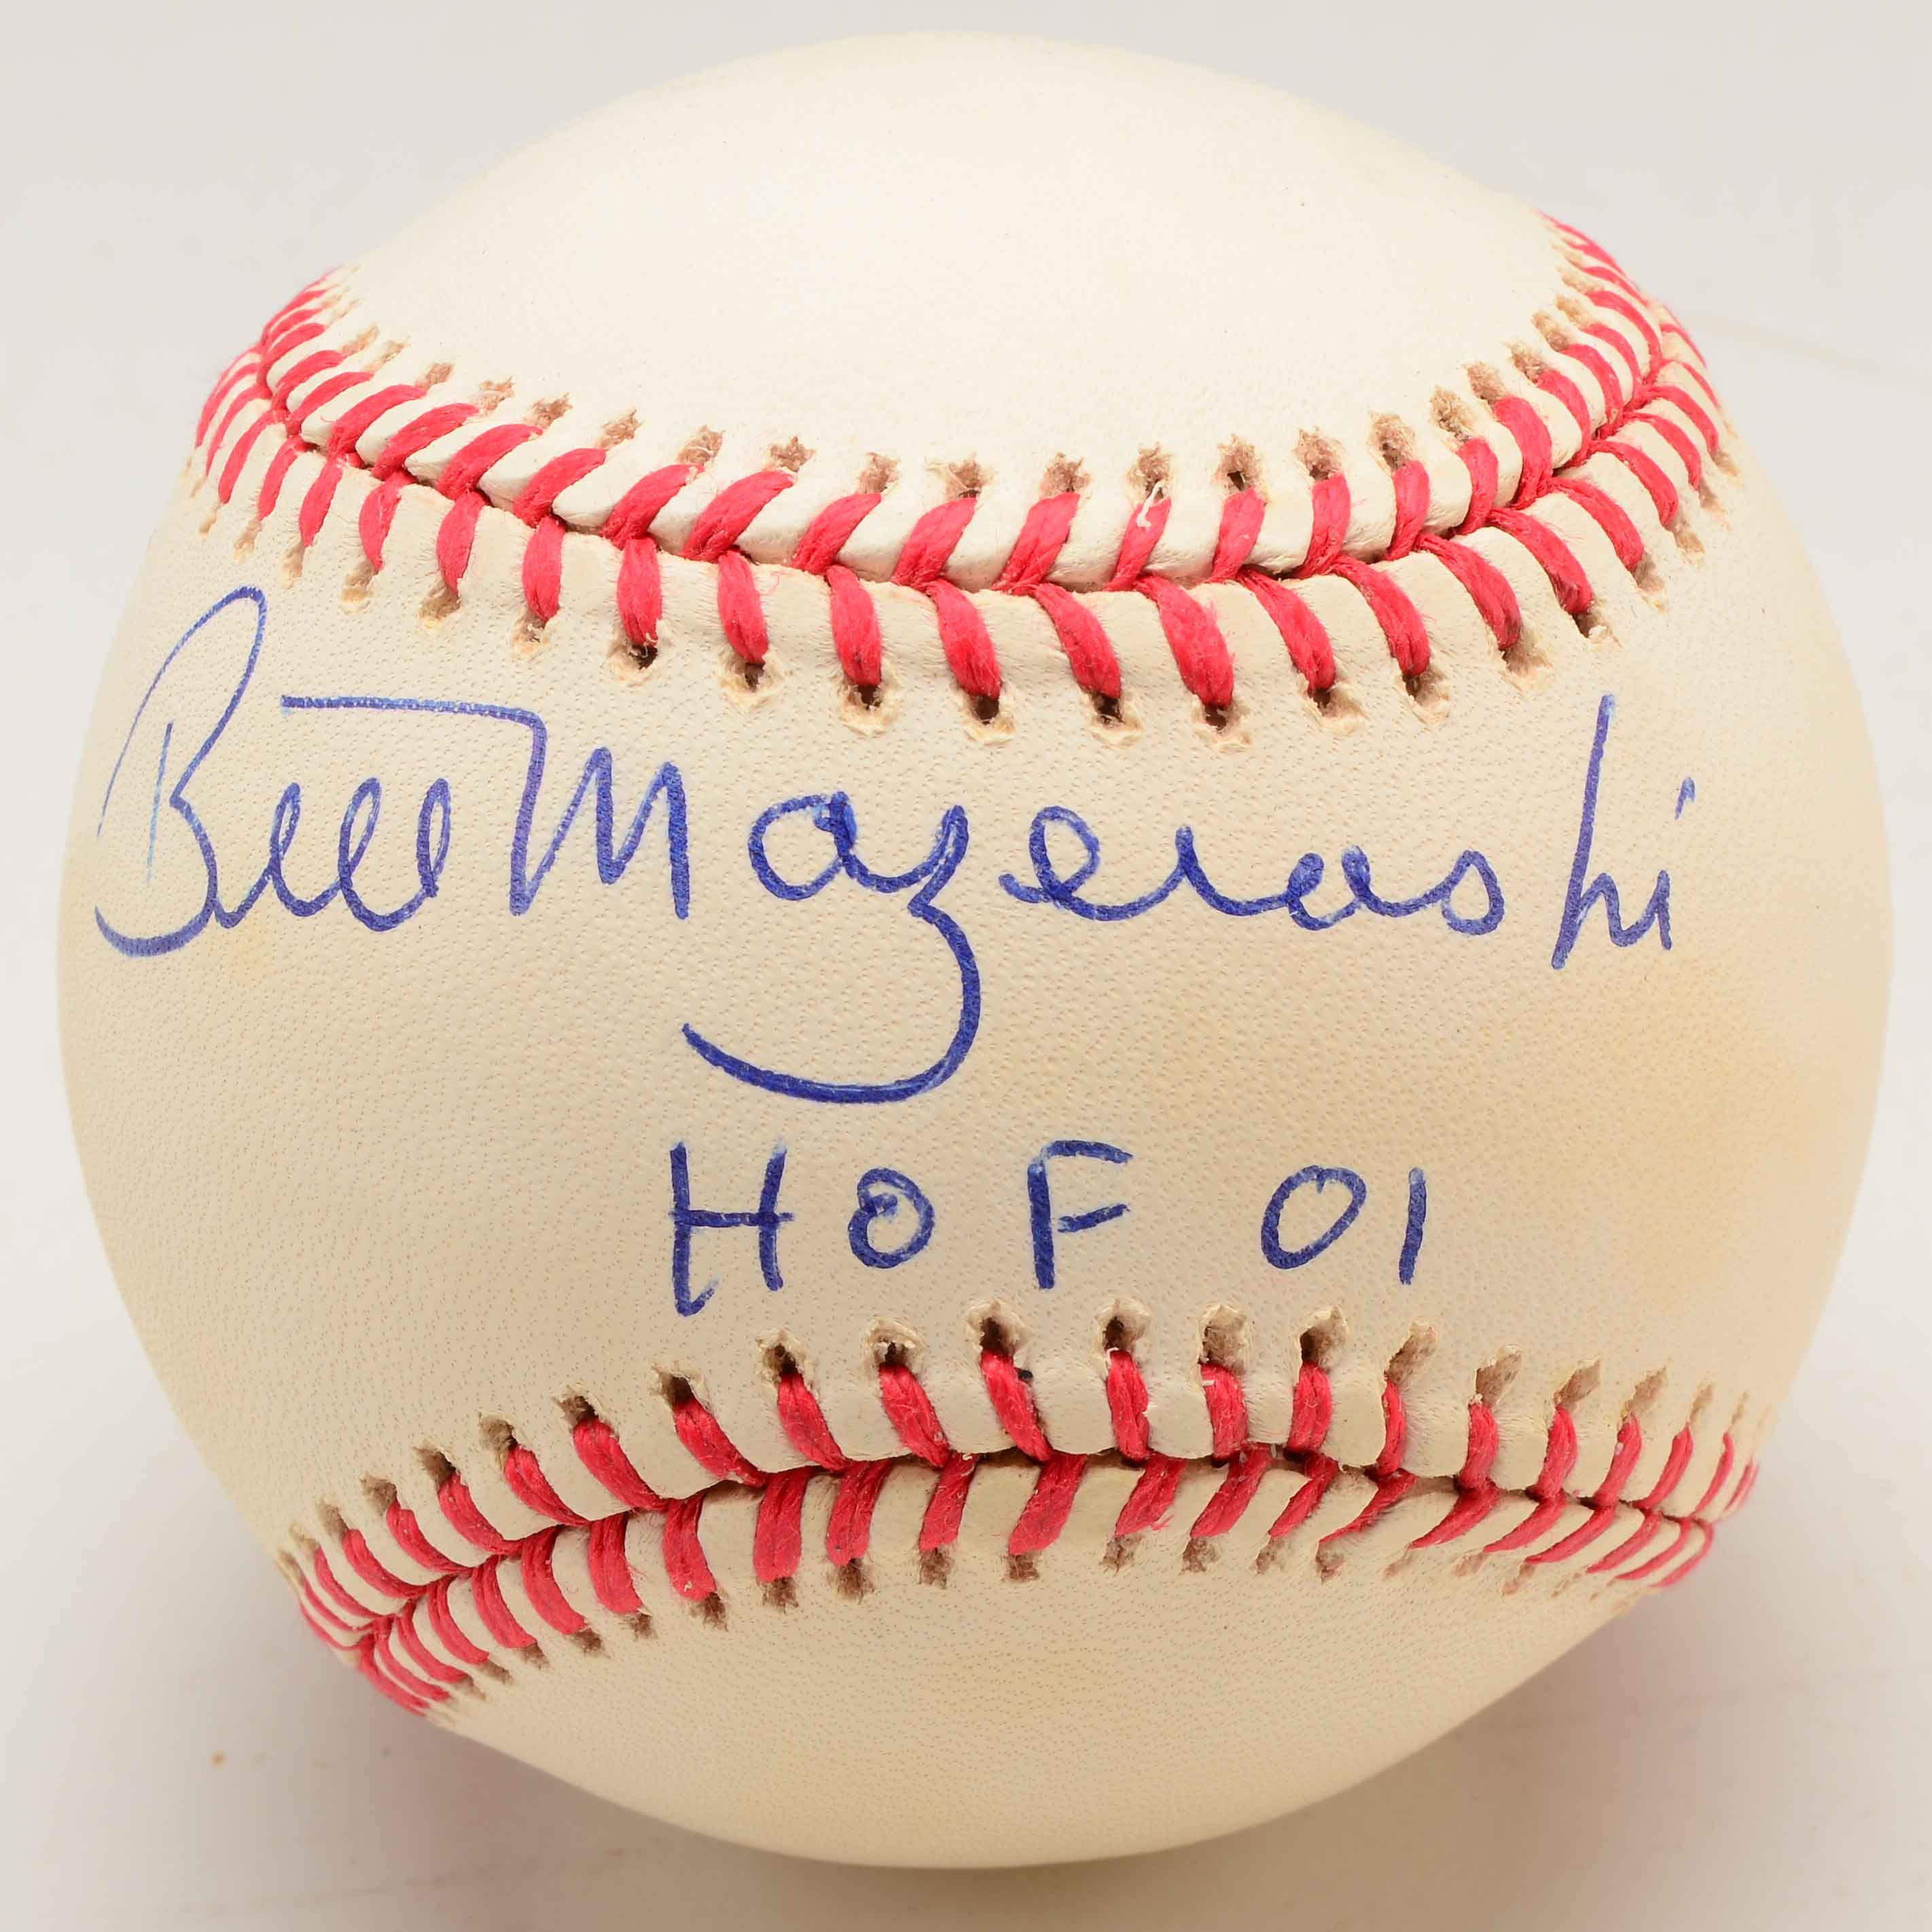 Bill Mazeroski Signed Rawlings Baseball